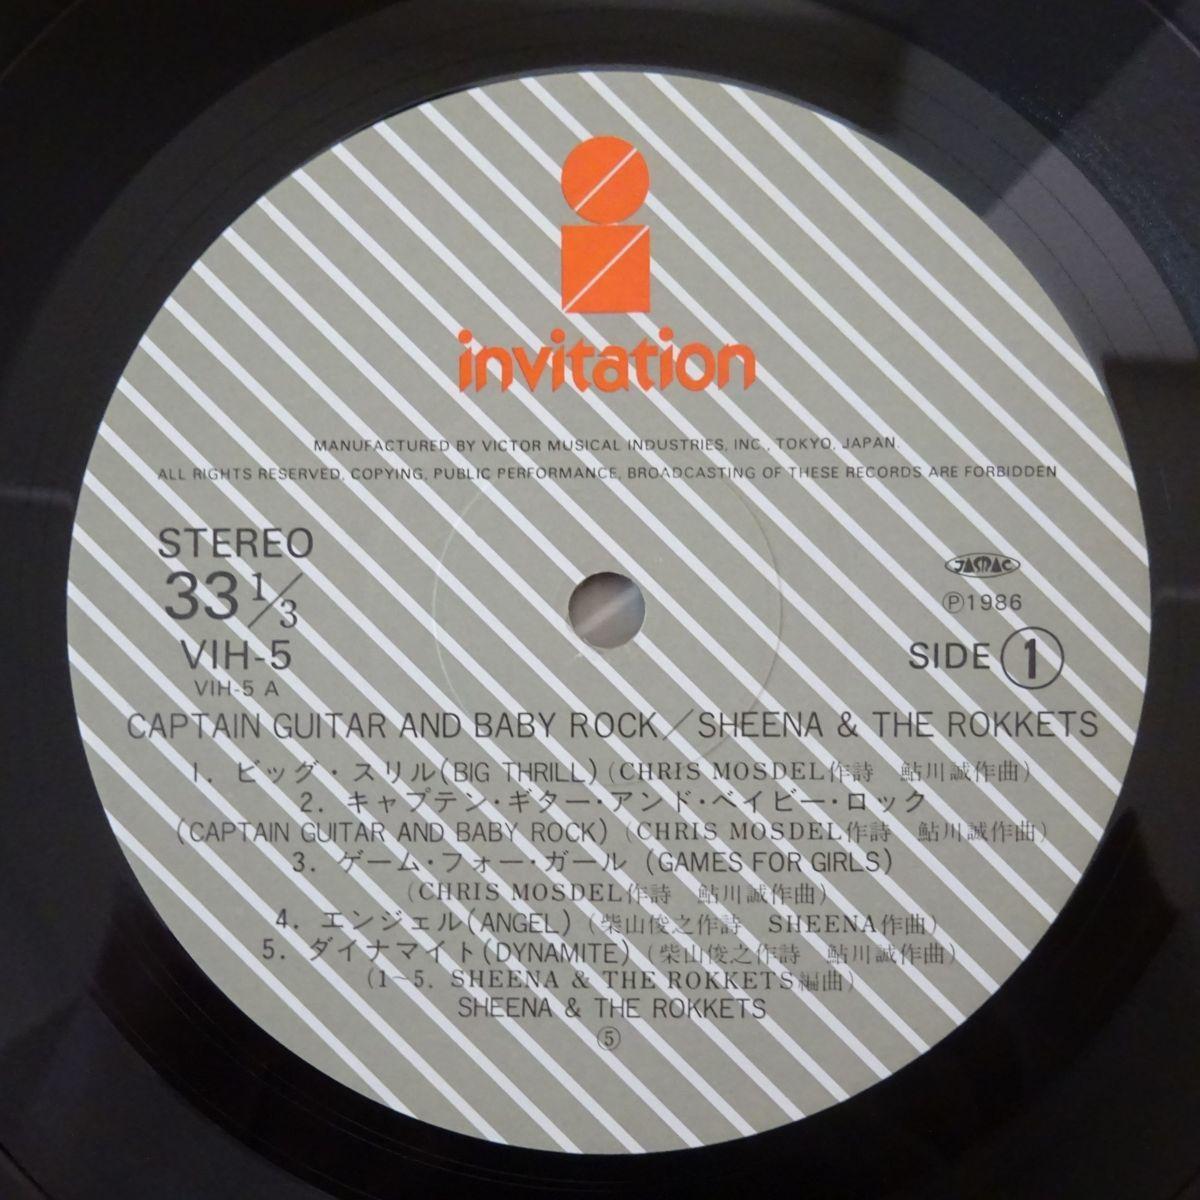 13036632;【帯付/2LP/ブックレット/山口冨士夫参加】Sheena & The Rokkets / Captain Guitar And Baby Rock_画像3